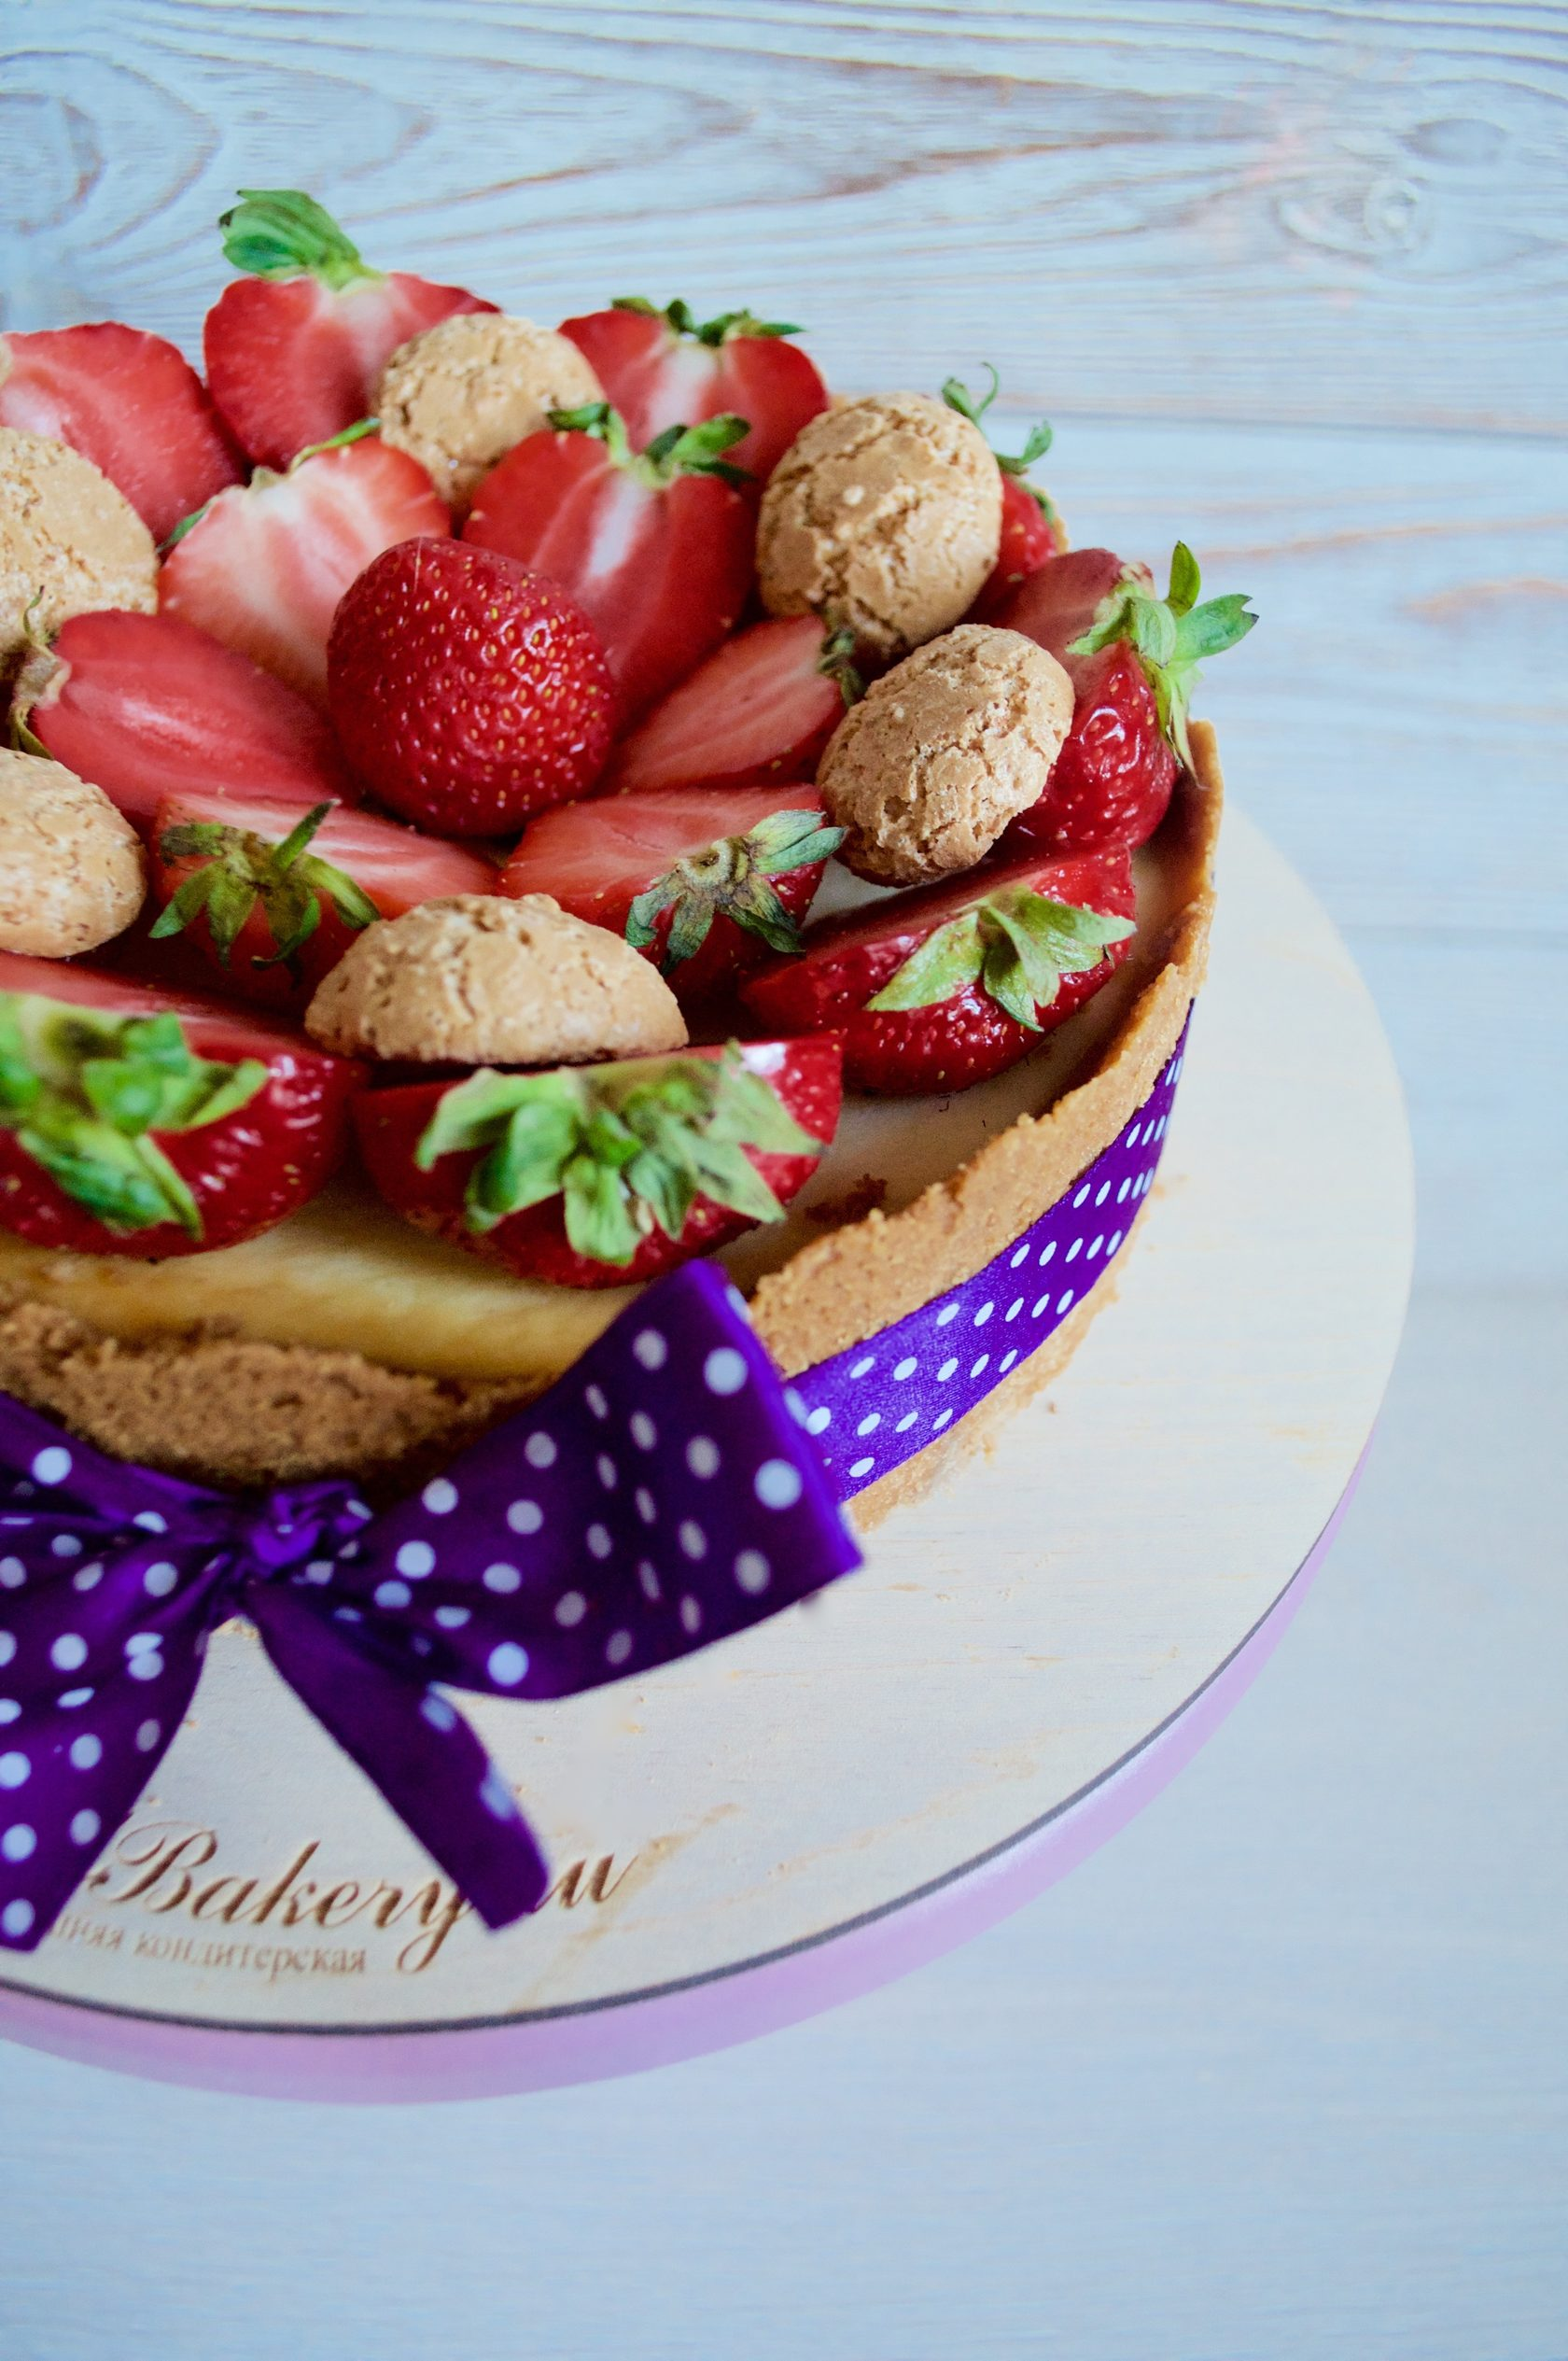 декор торта клубникой